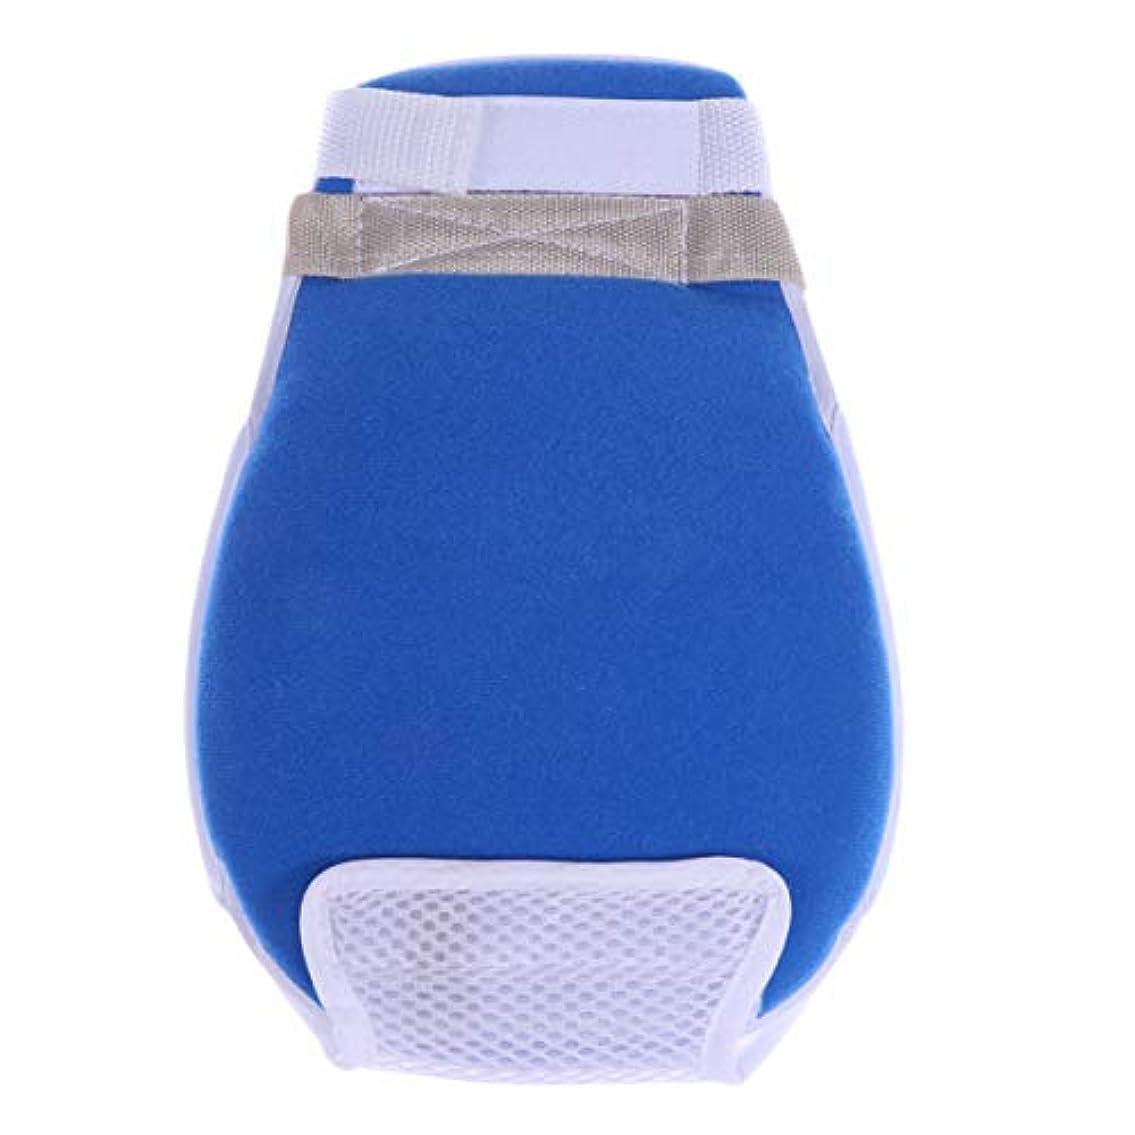 いろいろ仲間基準Healifty 医療用手袋傷防止抗引っ張り保護手袋患者の年配の女性男性用の手結束バンド1個(青)